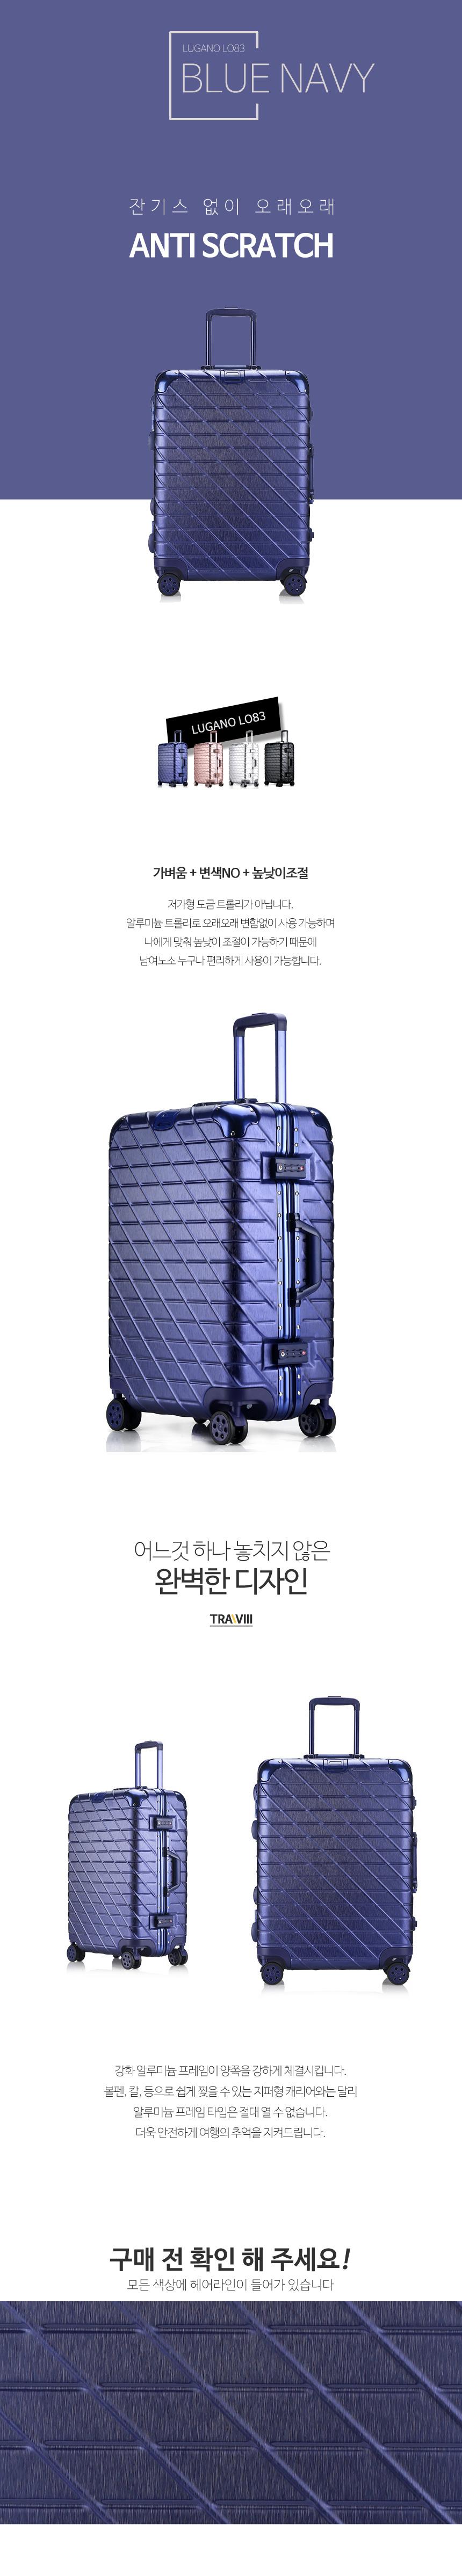 Lugano 루가노 블루네이비 24인치 수화물용 캐리어 여행가방 - 꼬뱅, 179,000원, 하드형, 24inch 이하